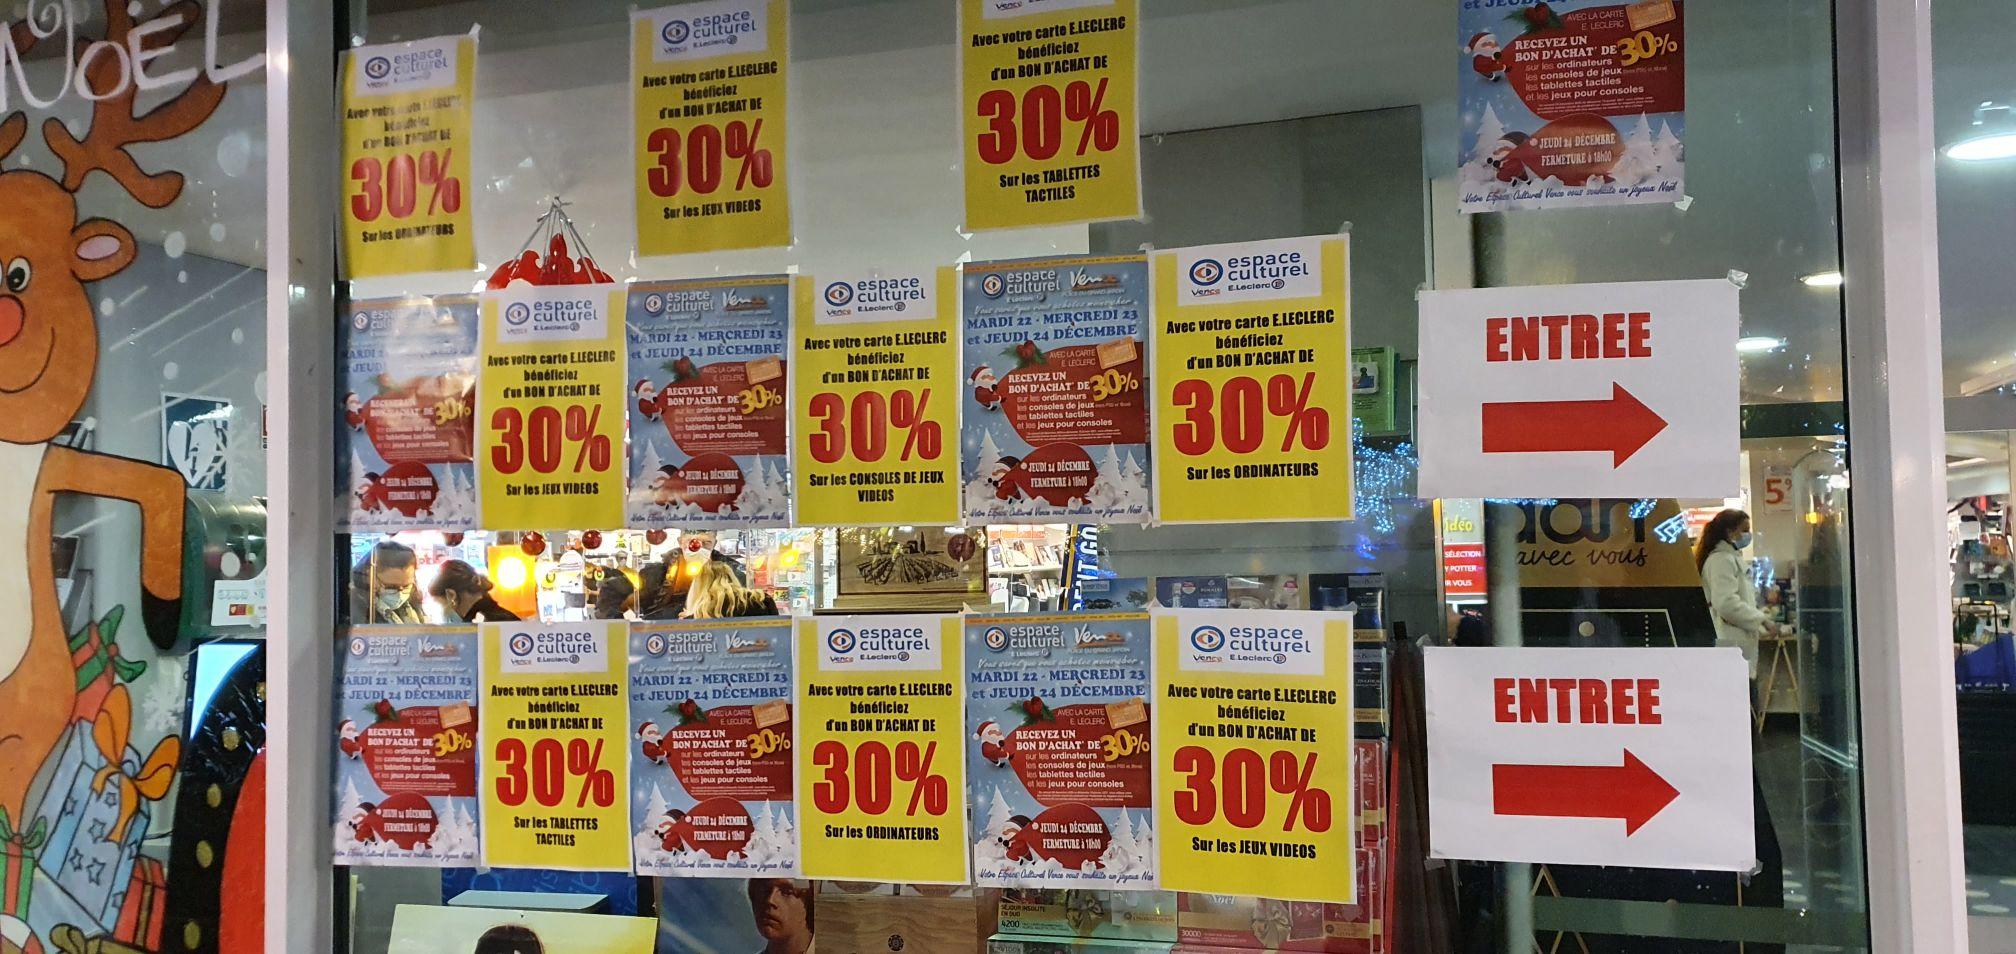 30% remboursés en bons d'achat sur une sélection de rayons - Vence (06)